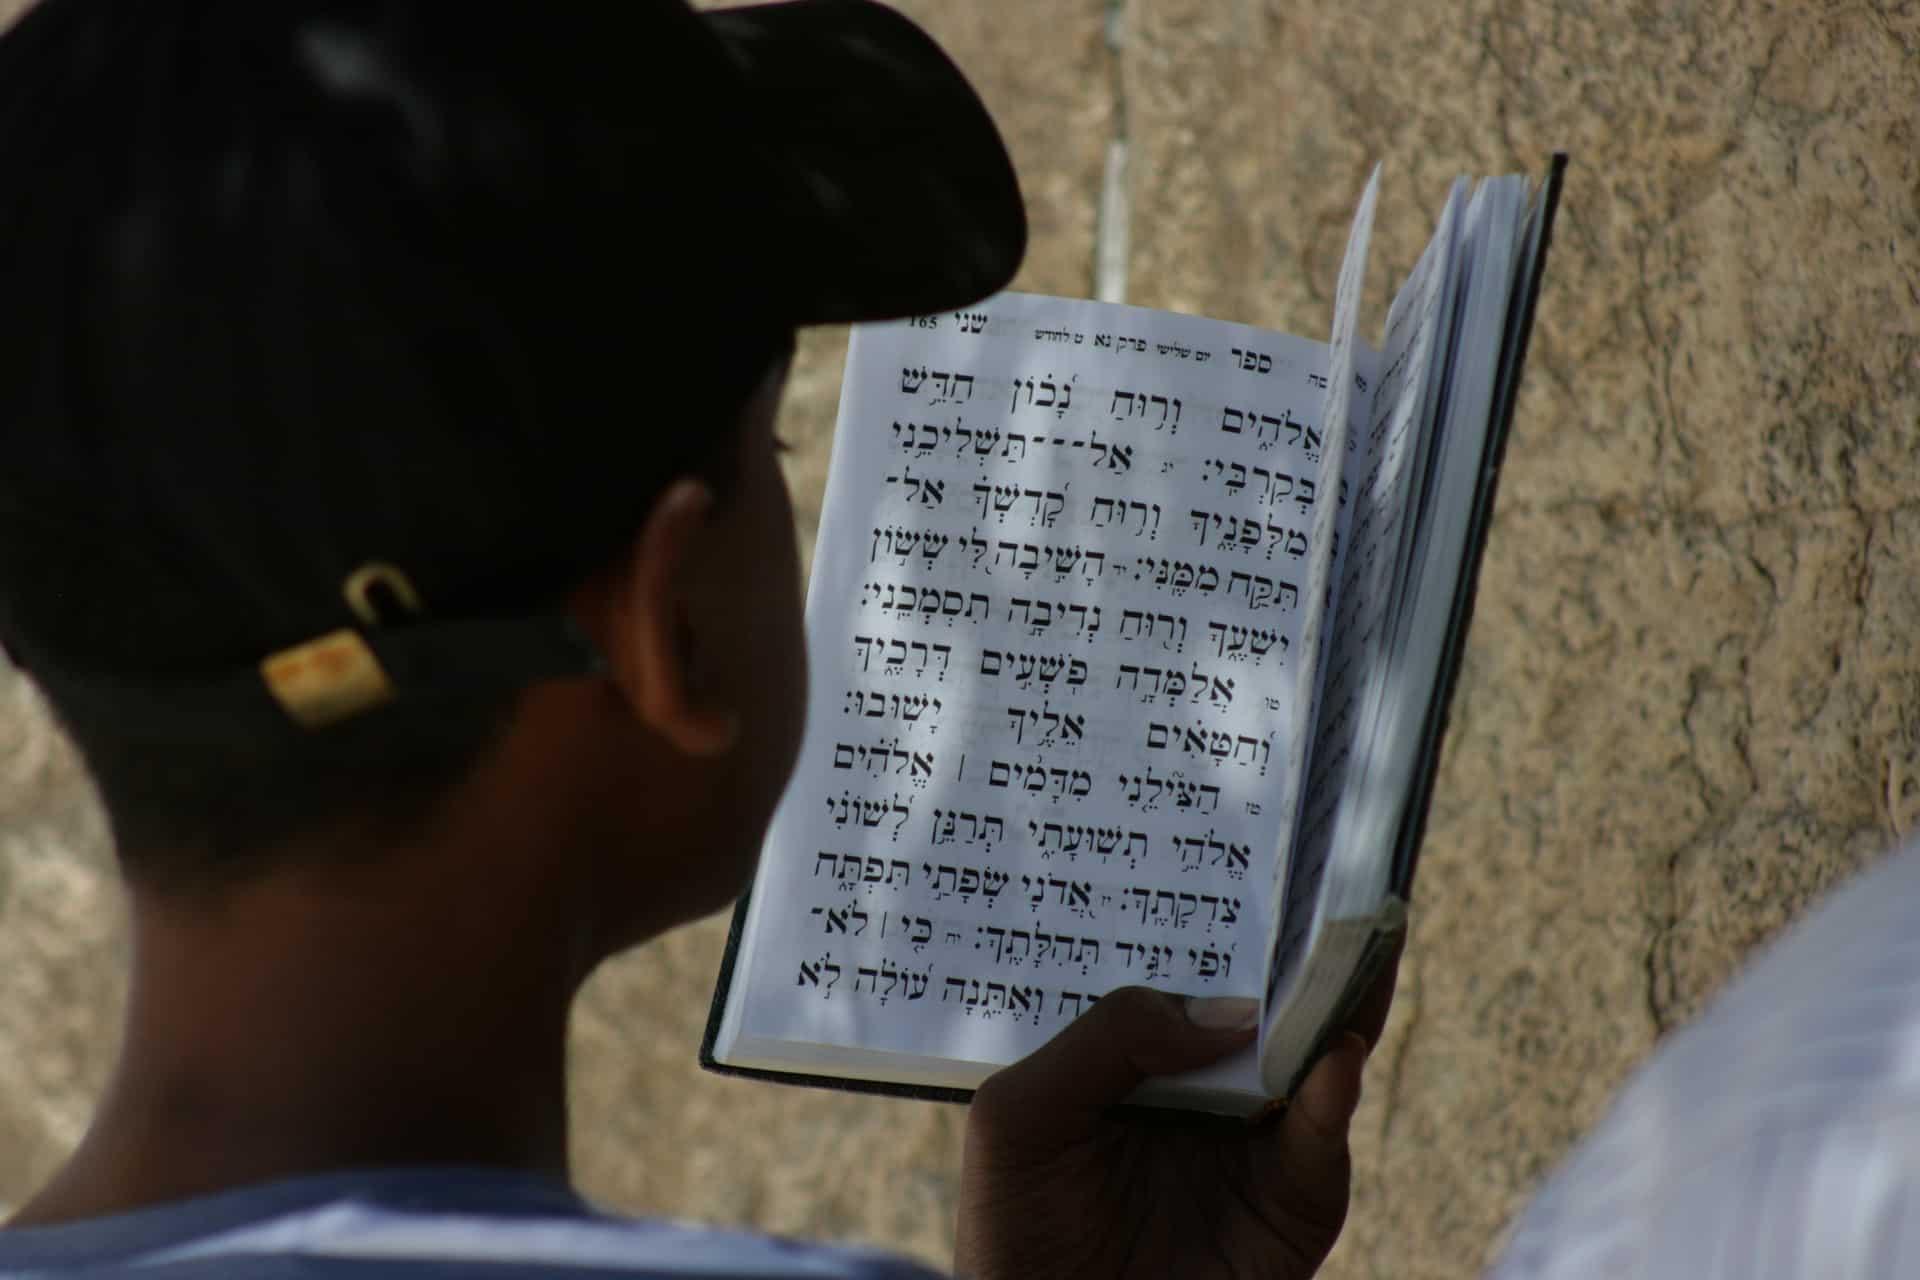 Shacharit prayer